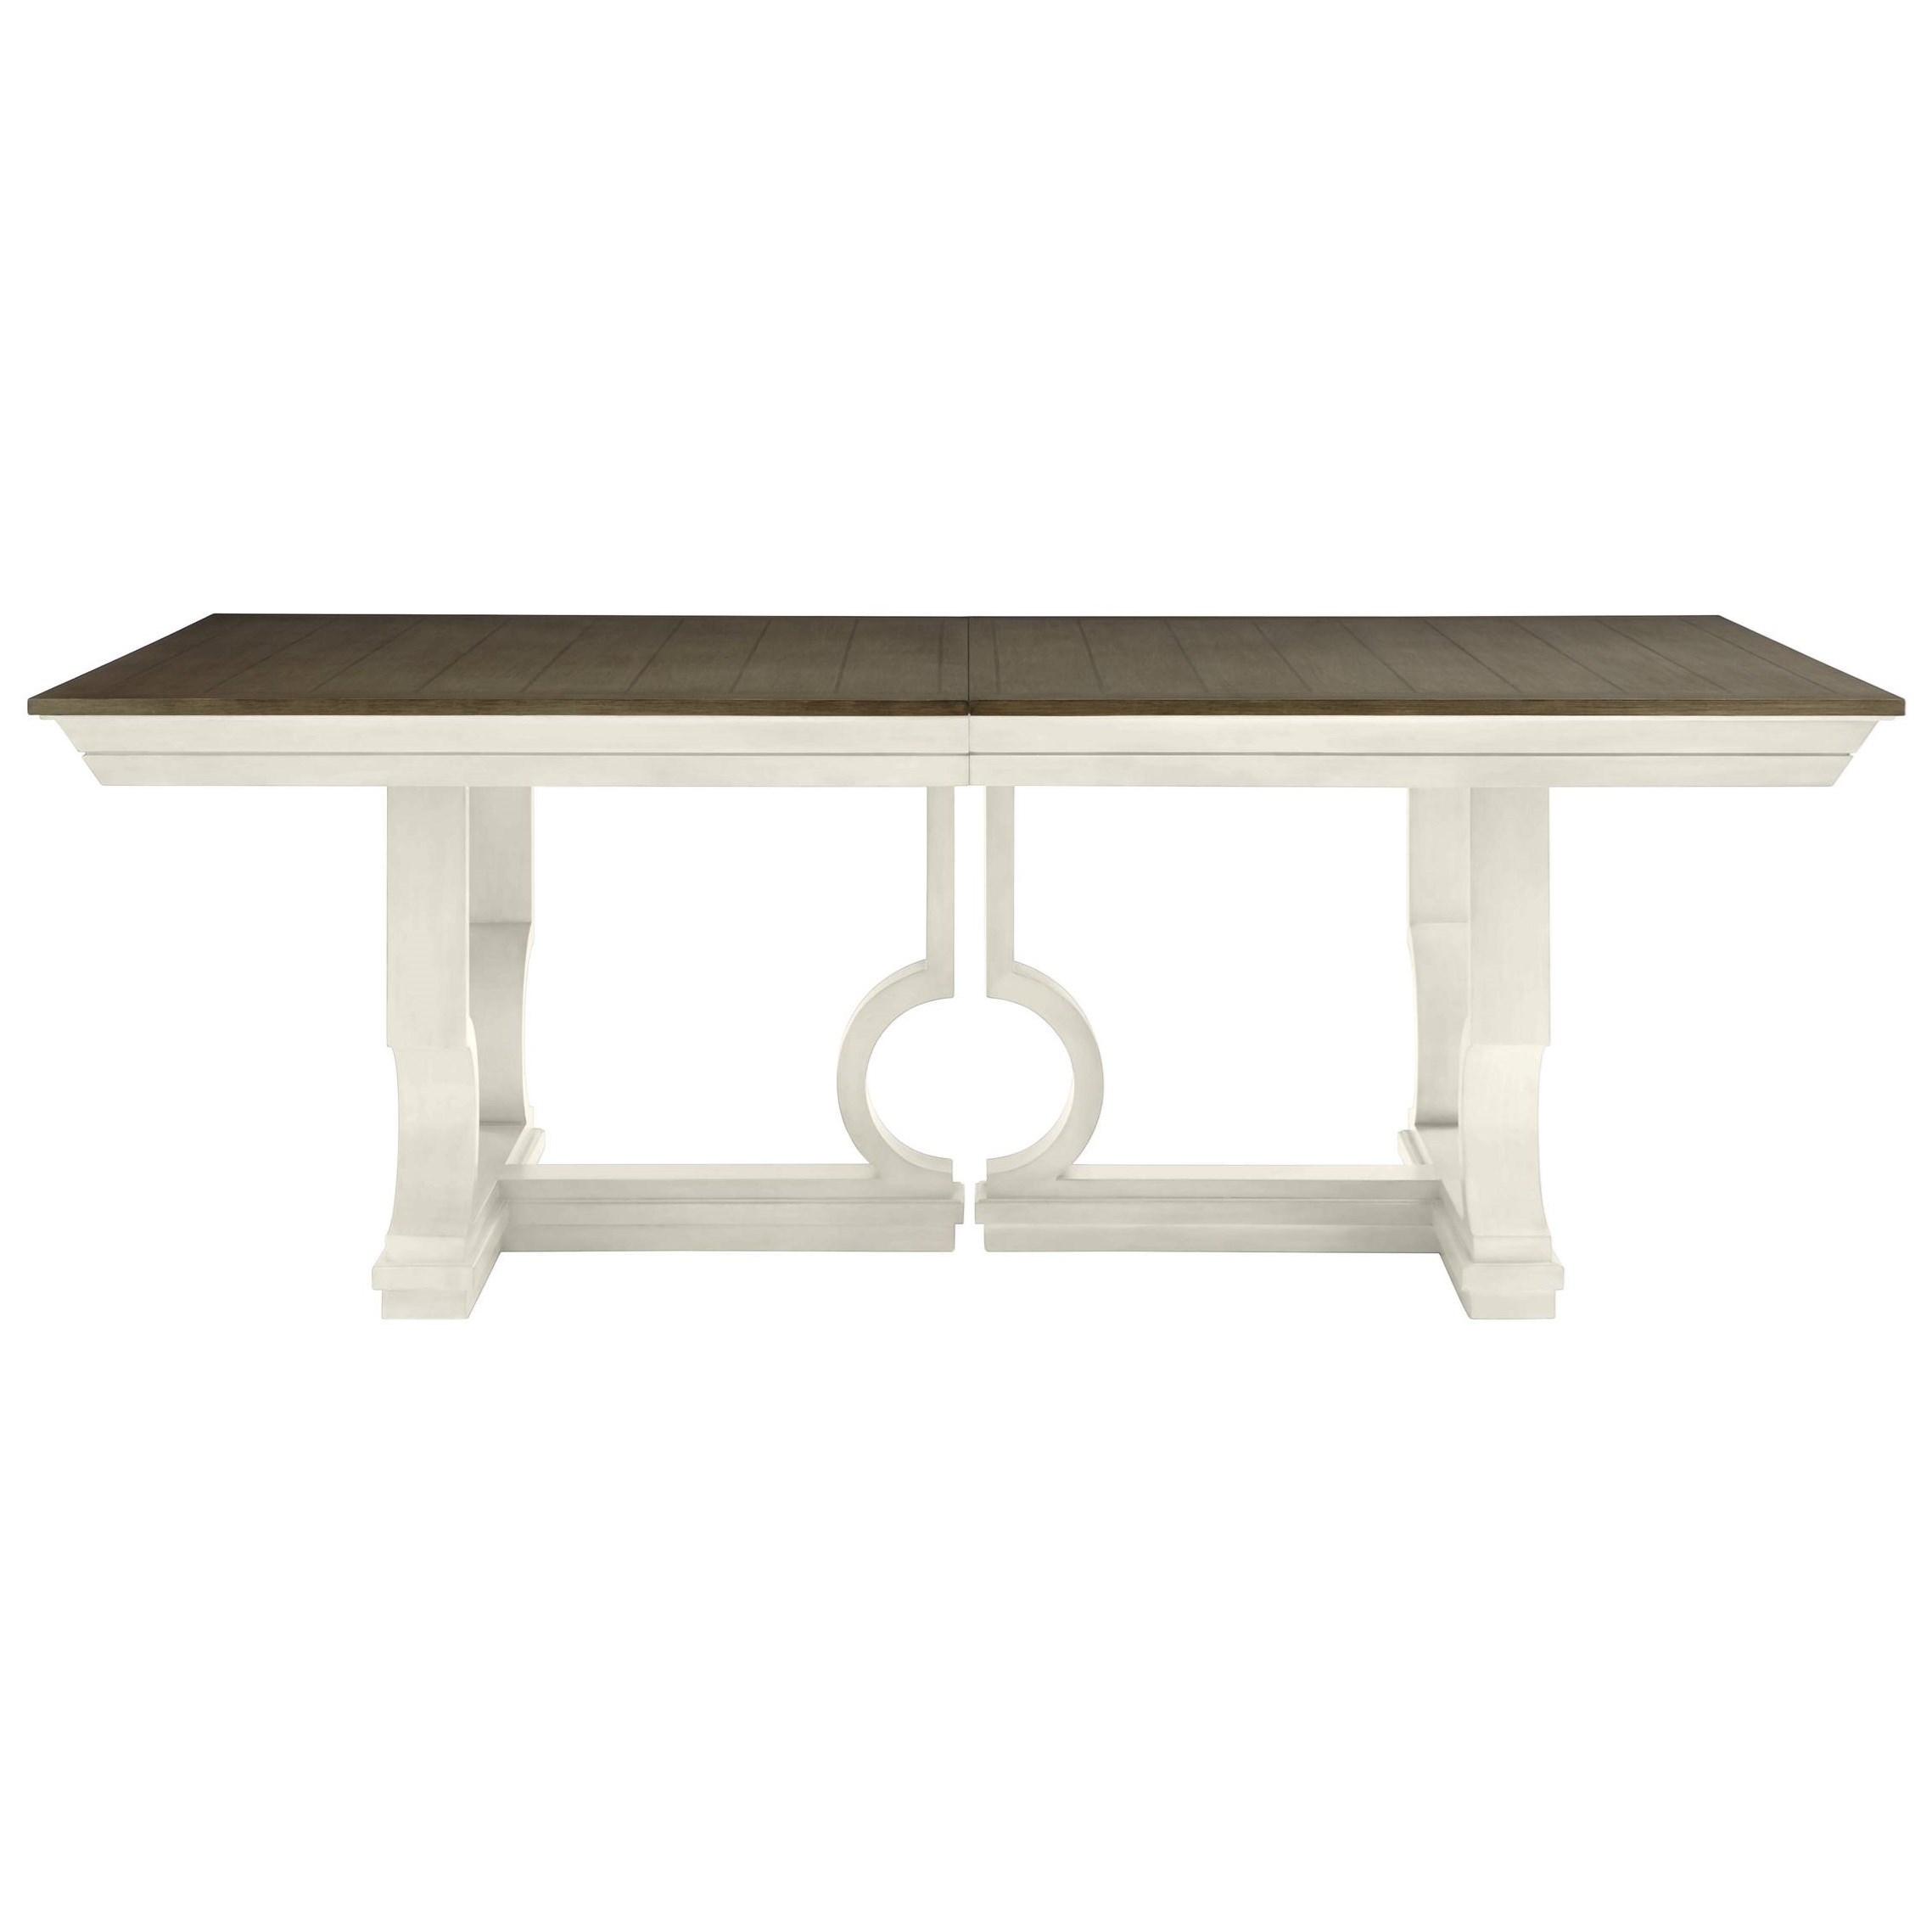 Stanley Furniture Coastal Living Oasis Moonrise Pedestal Dining Table - Item Number: 527-21-36